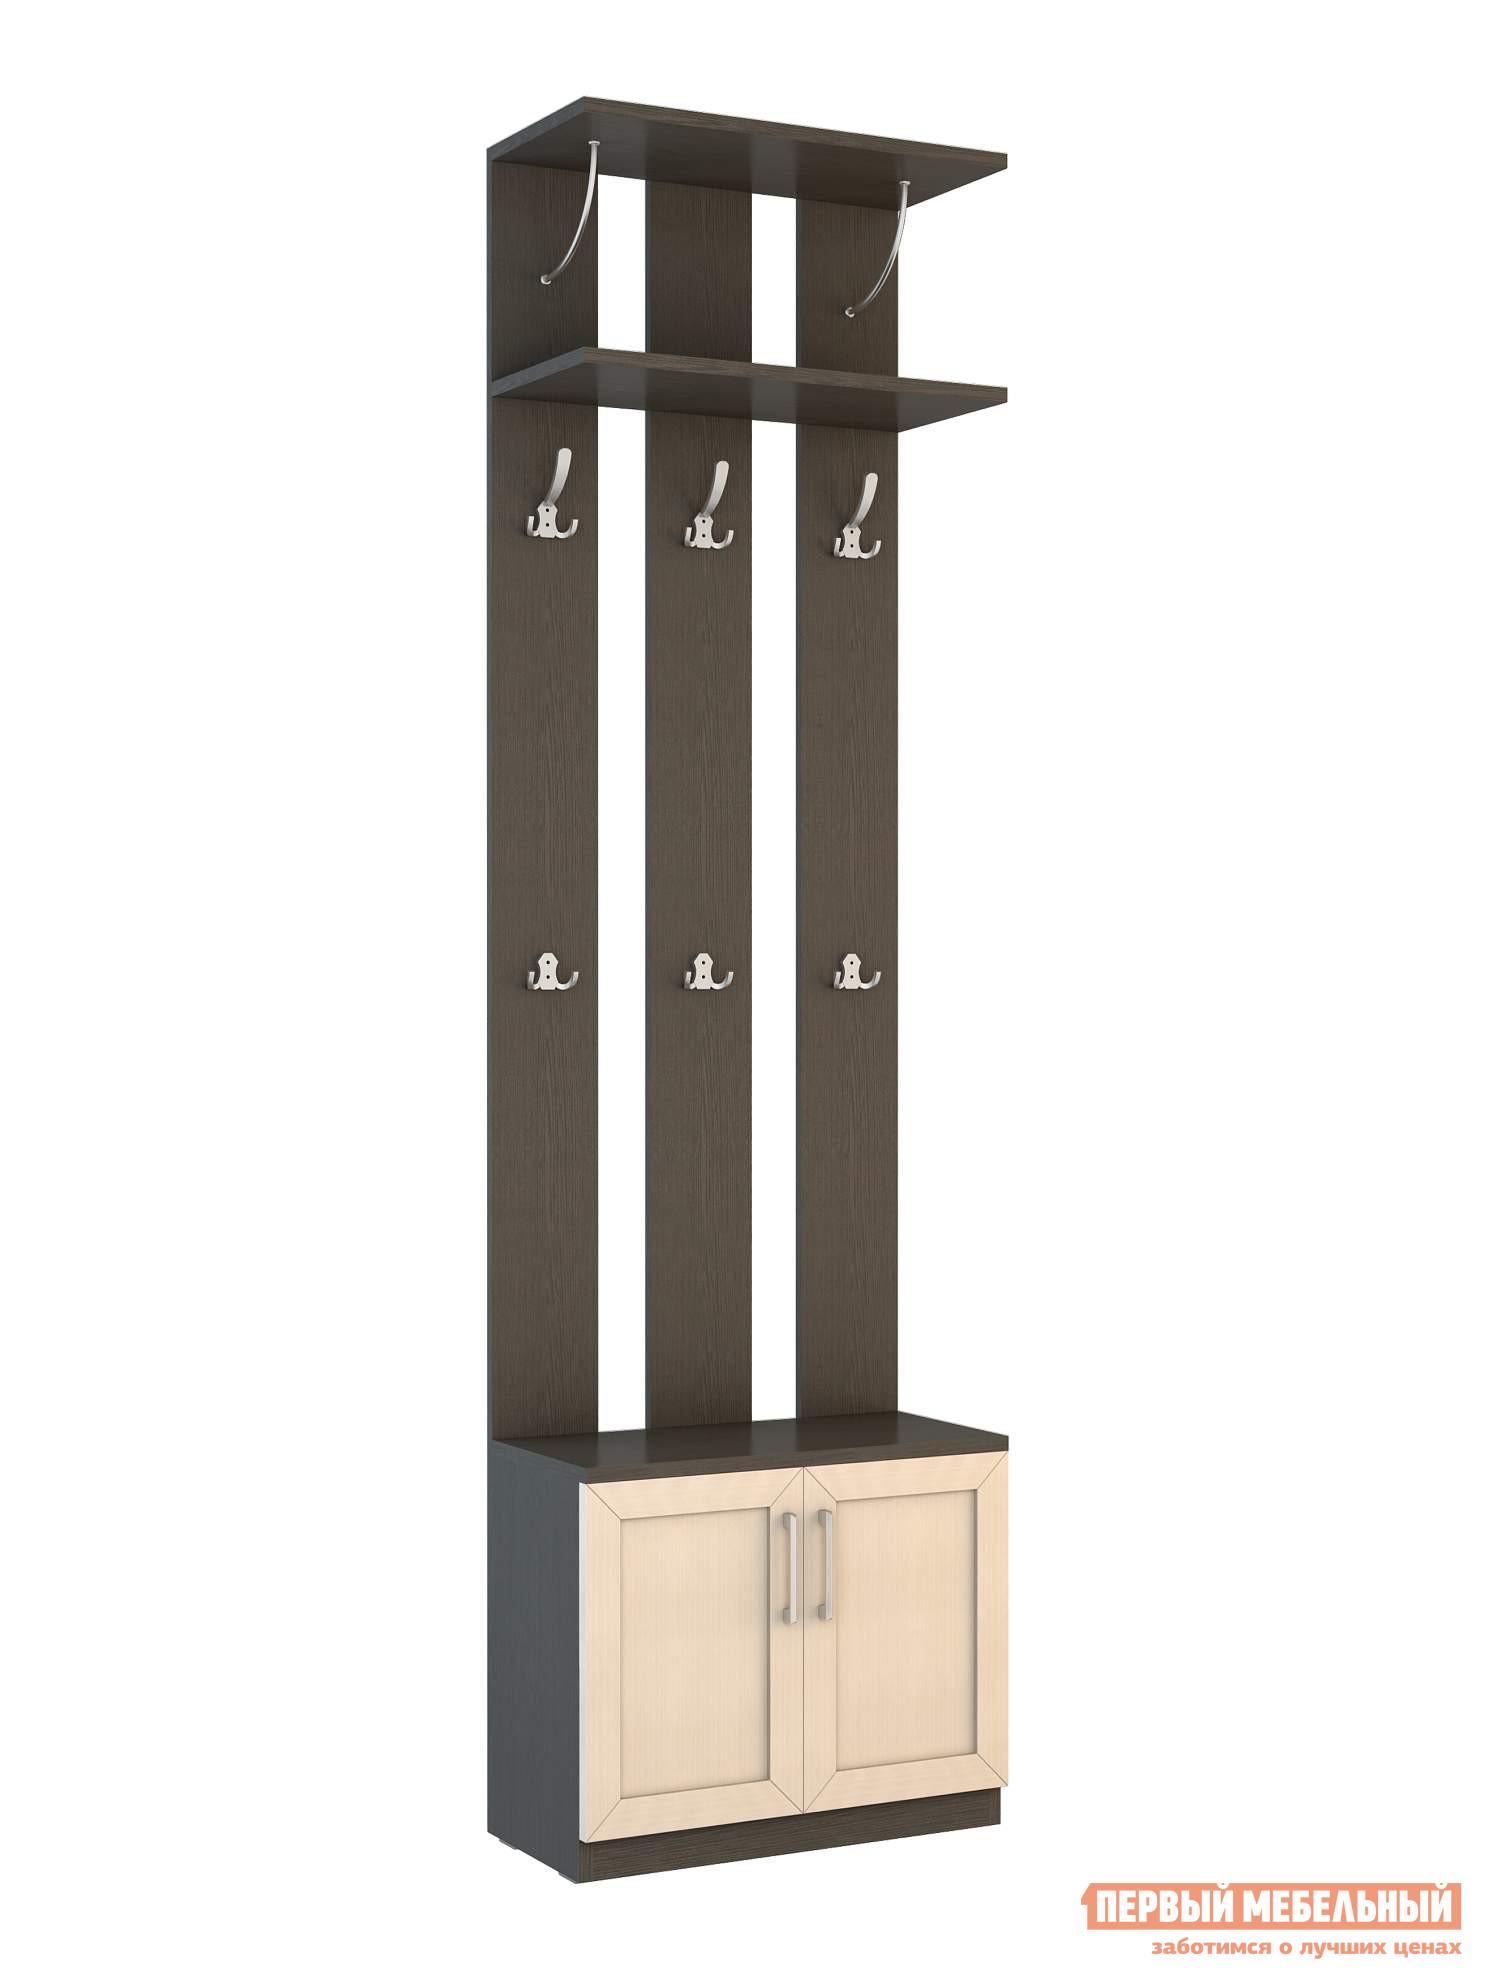 Малогабаритная прихожая для узкого коридора ВасКо СОЛО 060 надстройка васко соло 007 1303 для столов соло 005 соло 021